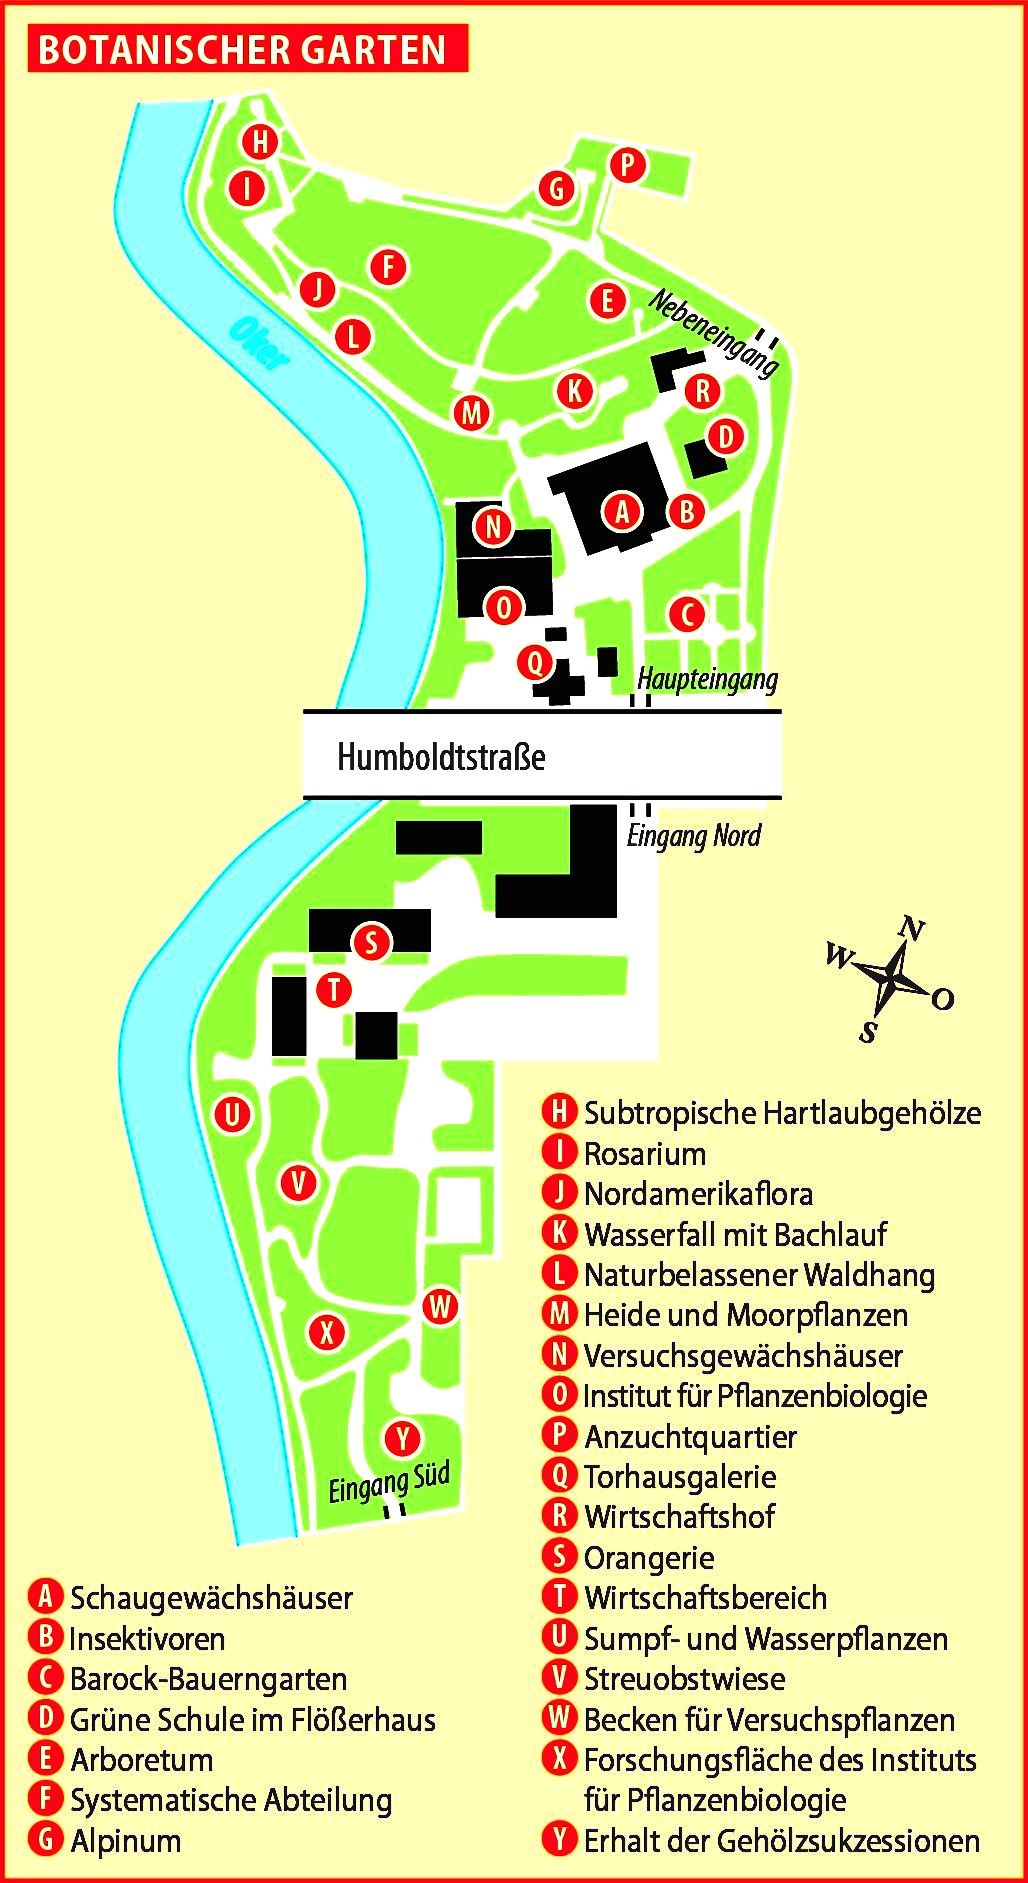 Gartenplan Tu Braunschweig Garten Botanischer Garten Planer